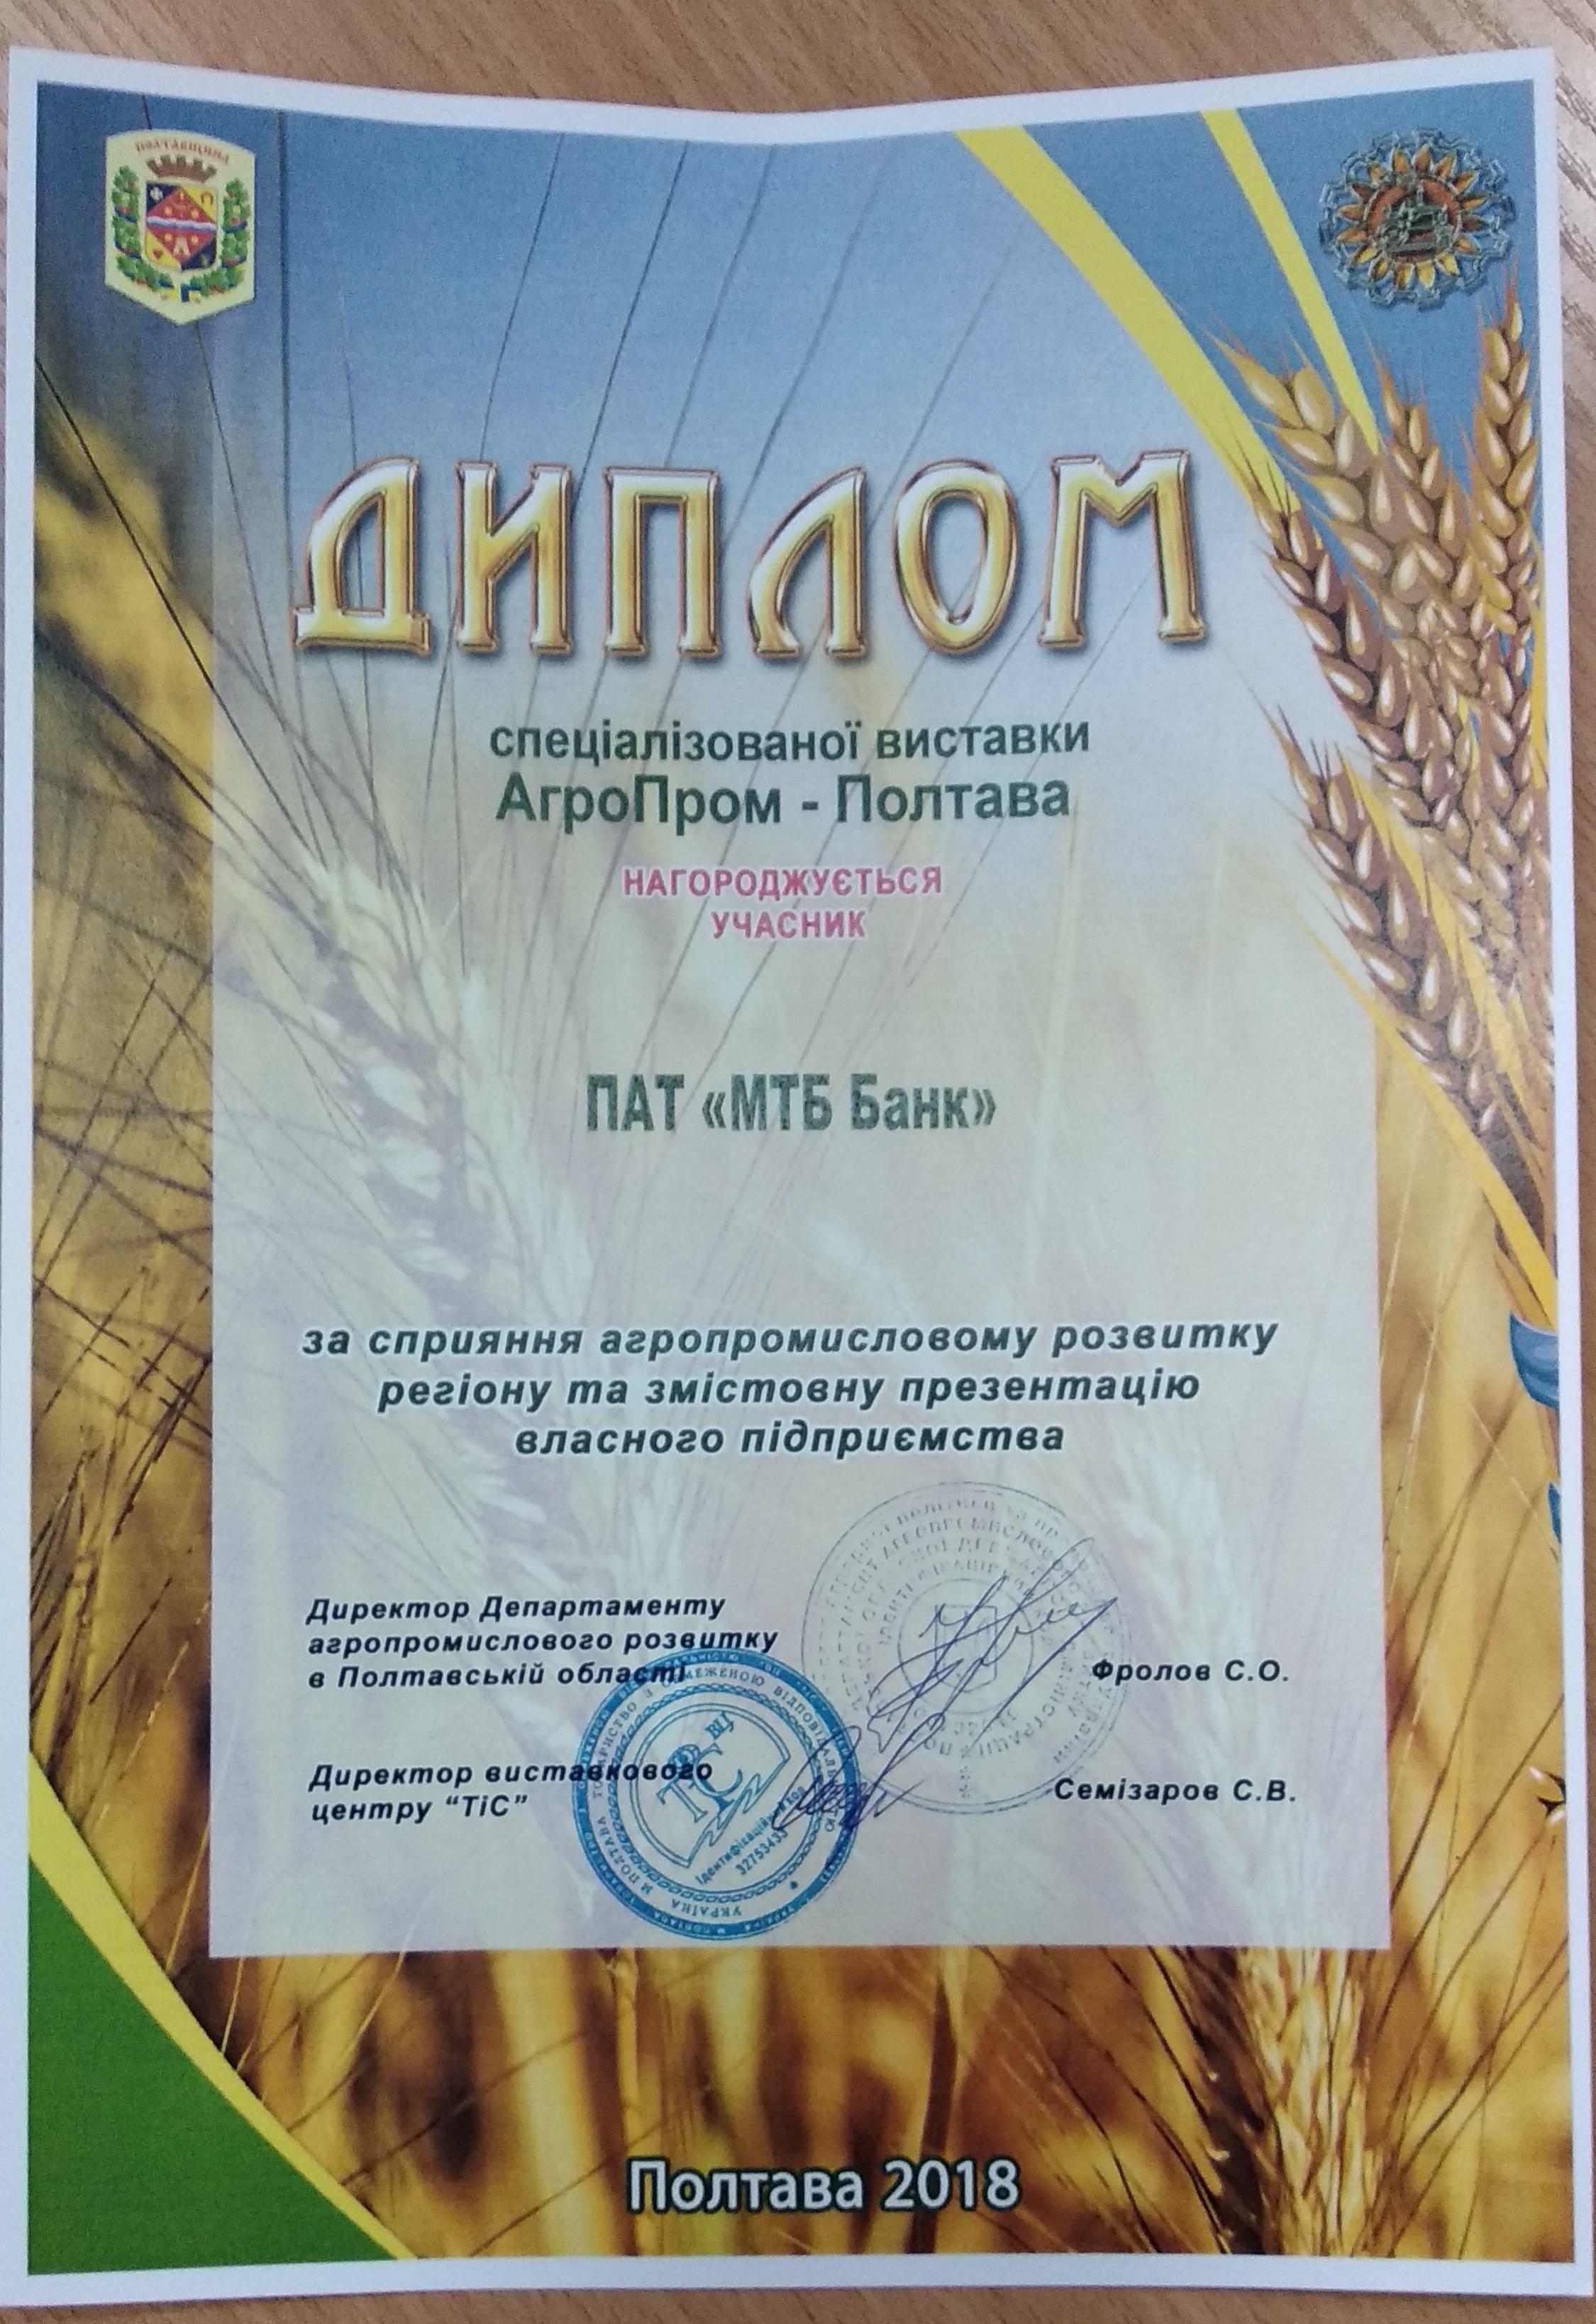 ЛУЧШИЕ ПРОДУКТЫ ДЛЯ АГРАРИЕВ - фото 3 - mtb.ua